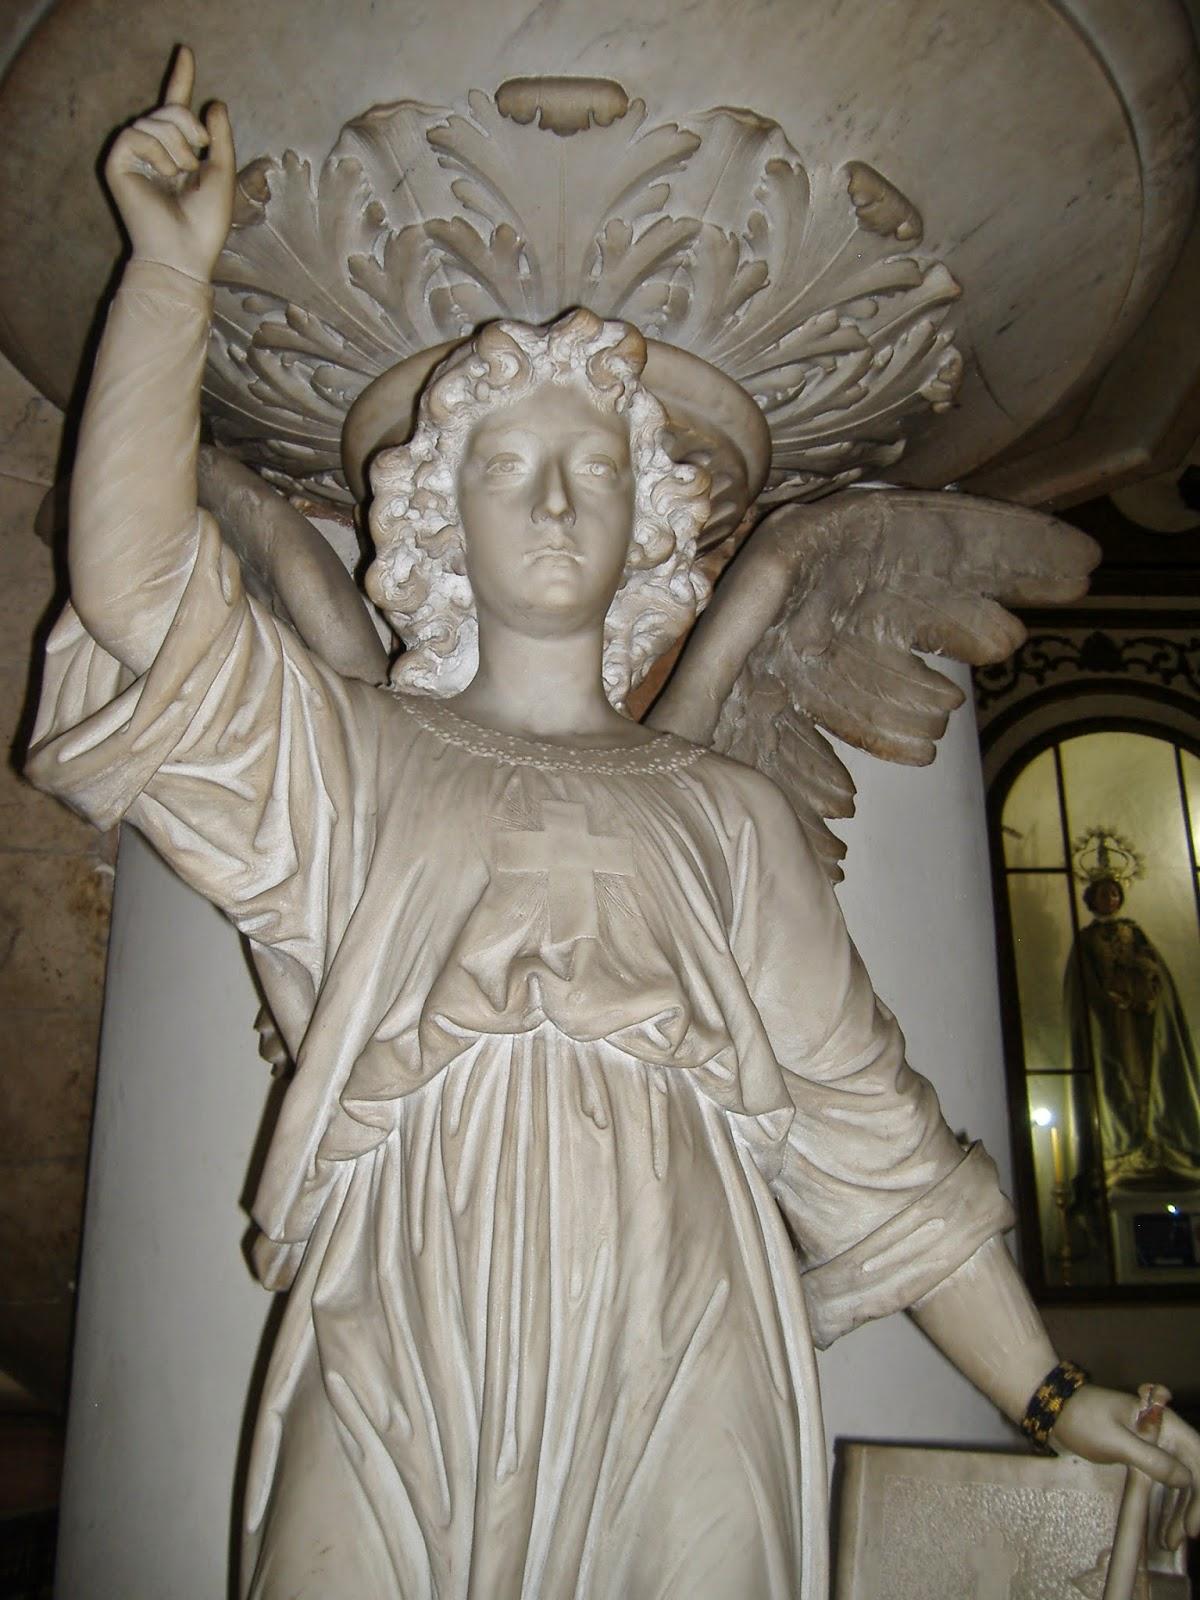 se alegran los ángeles de Dios